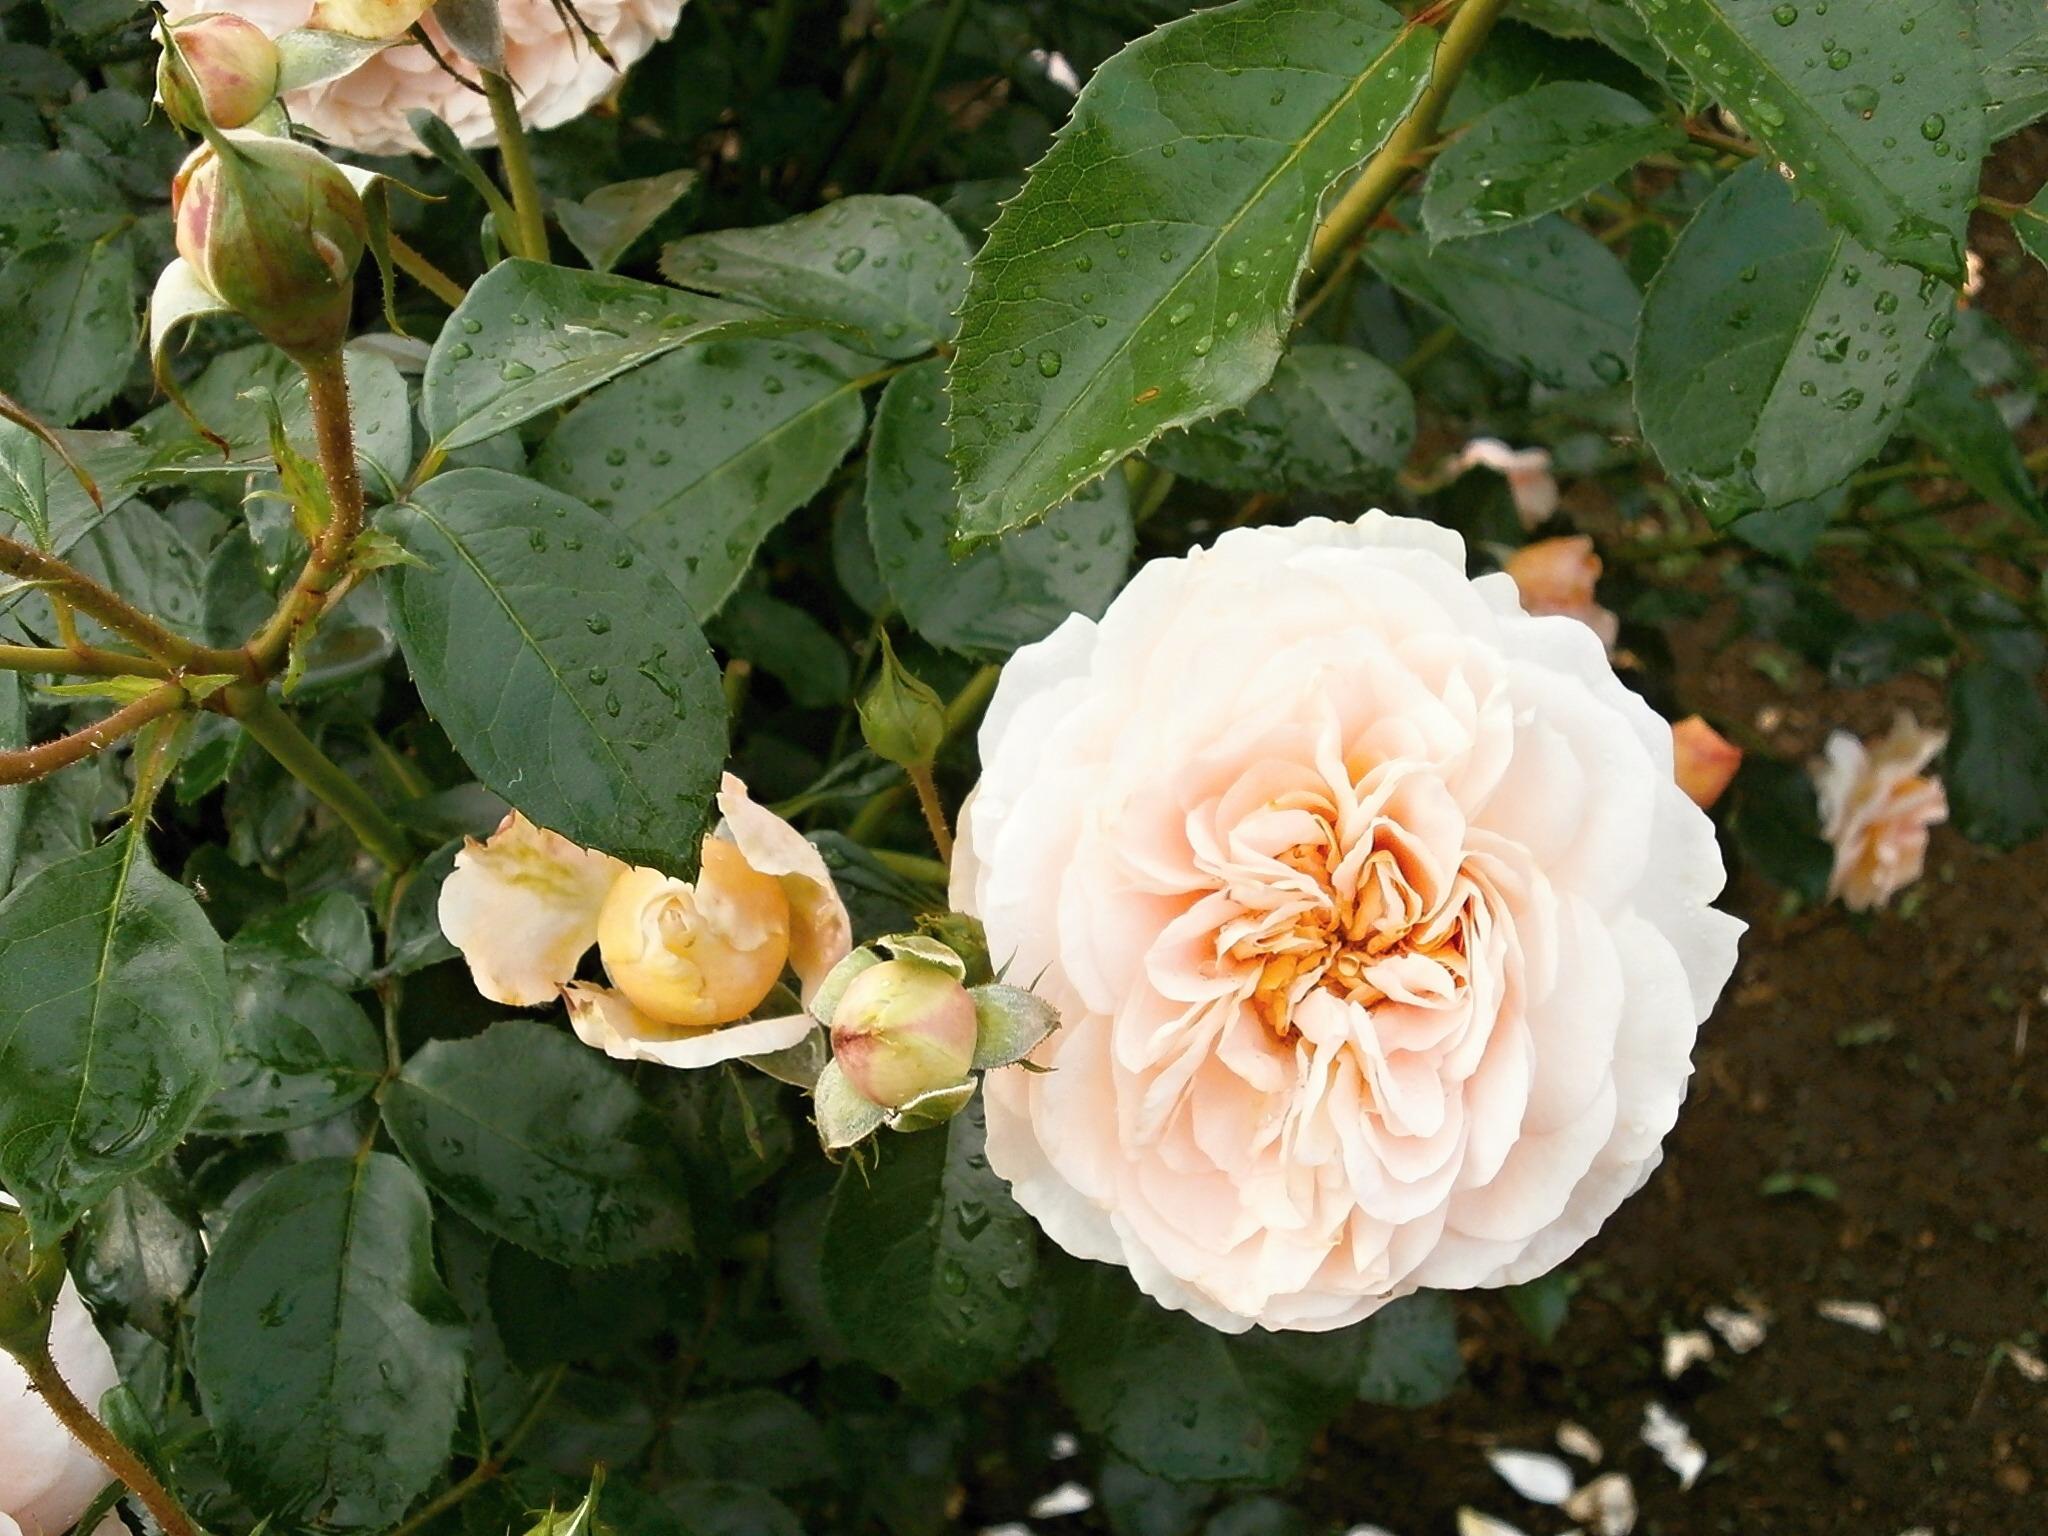 free images blossom flower petal botany flora shrub floribunda rose garden flowering plant garden roses rose family cream color burnet rose - Cream Garden Rose